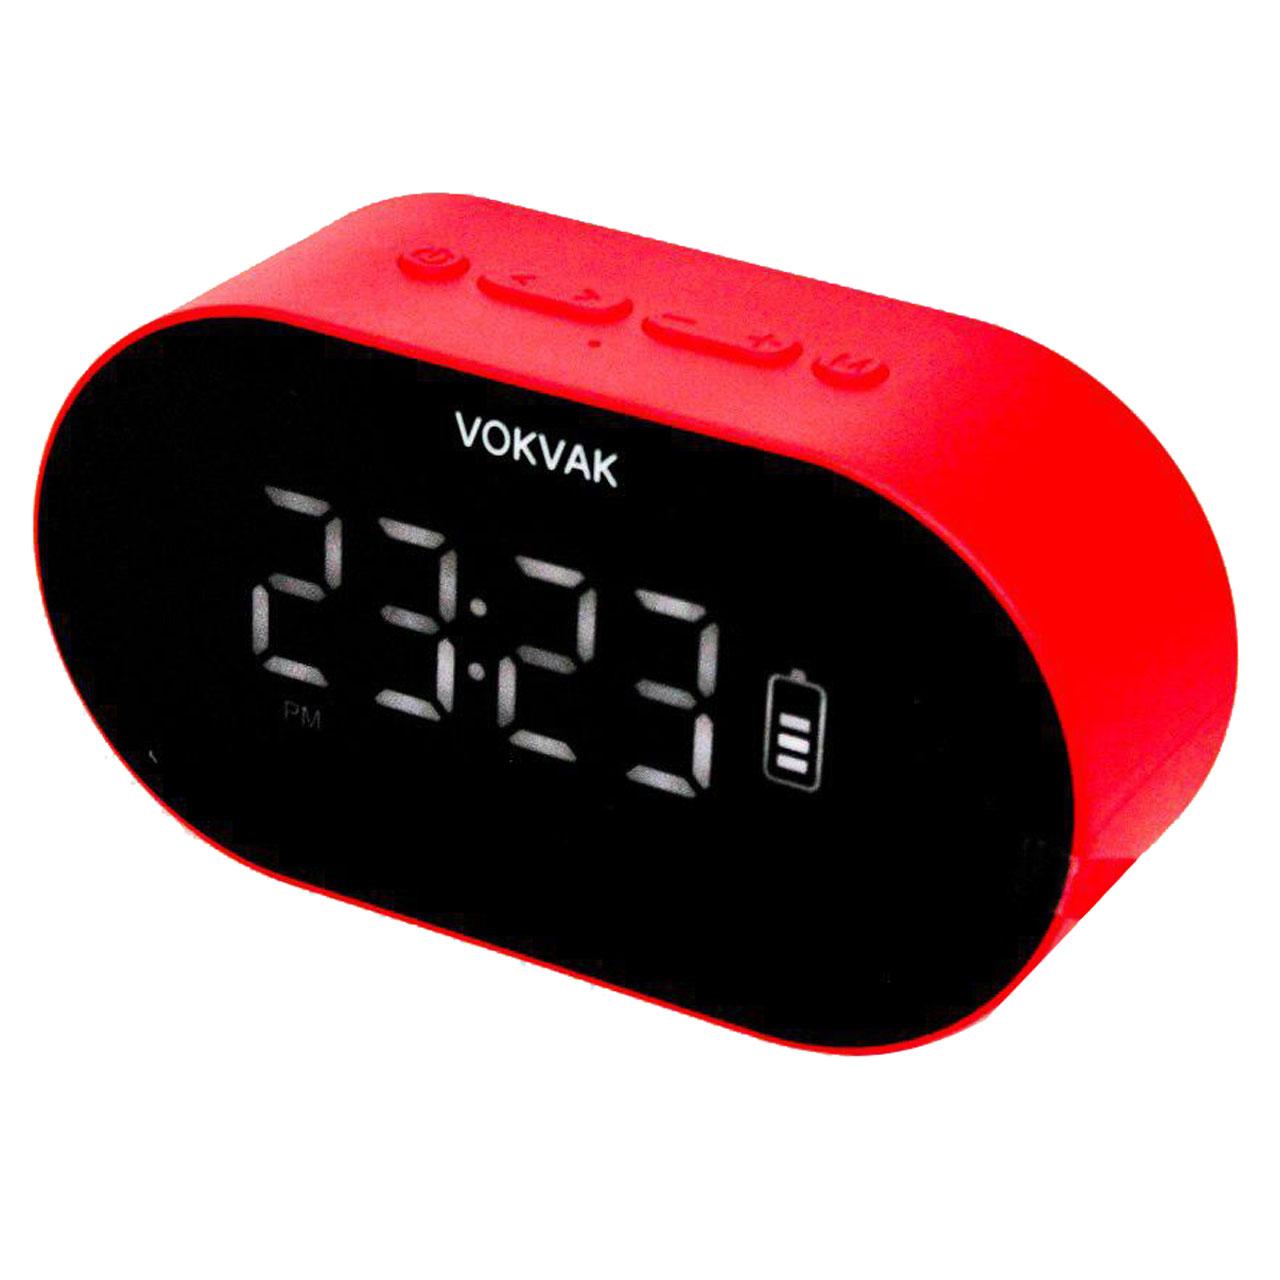 خرید ساعت رومیزی ووک واک مدل VK-1